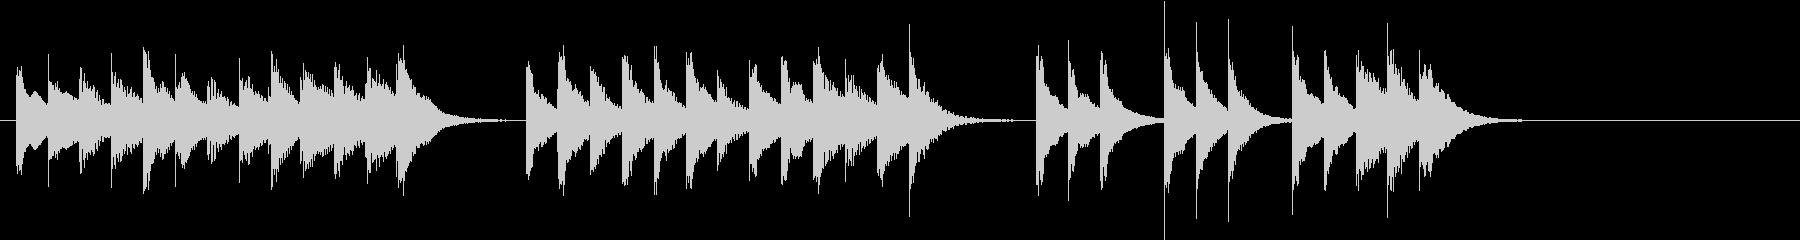 木琴で作った軽快で短い曲の未再生の波形